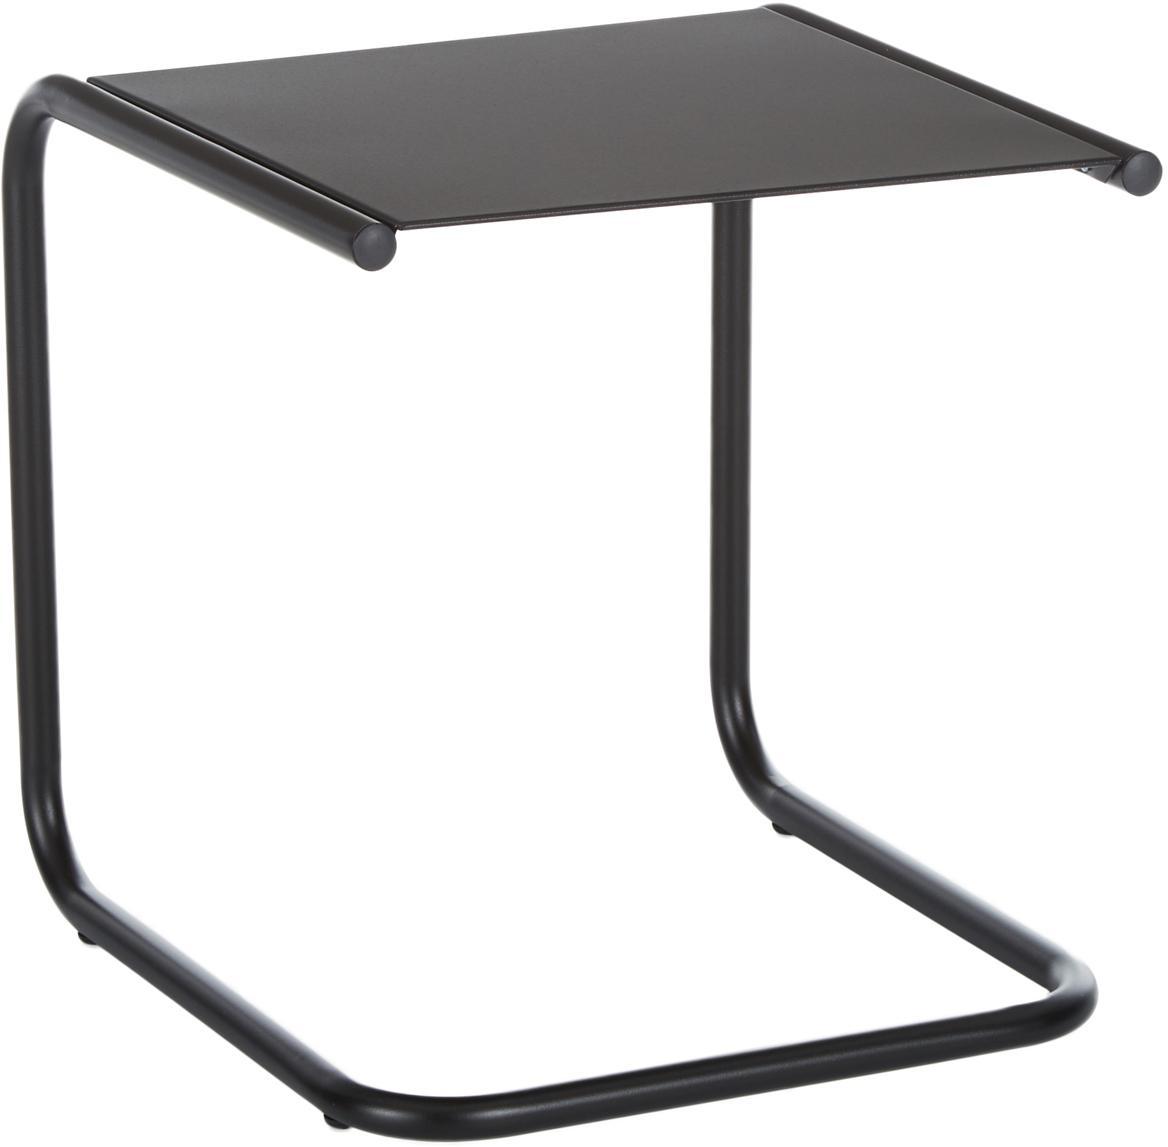 Stolik pomocniczy ogrodowy z metalu Club, Blat: metal malowany proszkowo, Stelaż: aluminium, malowane prosz, Czarny, S 40 x G 40 cm